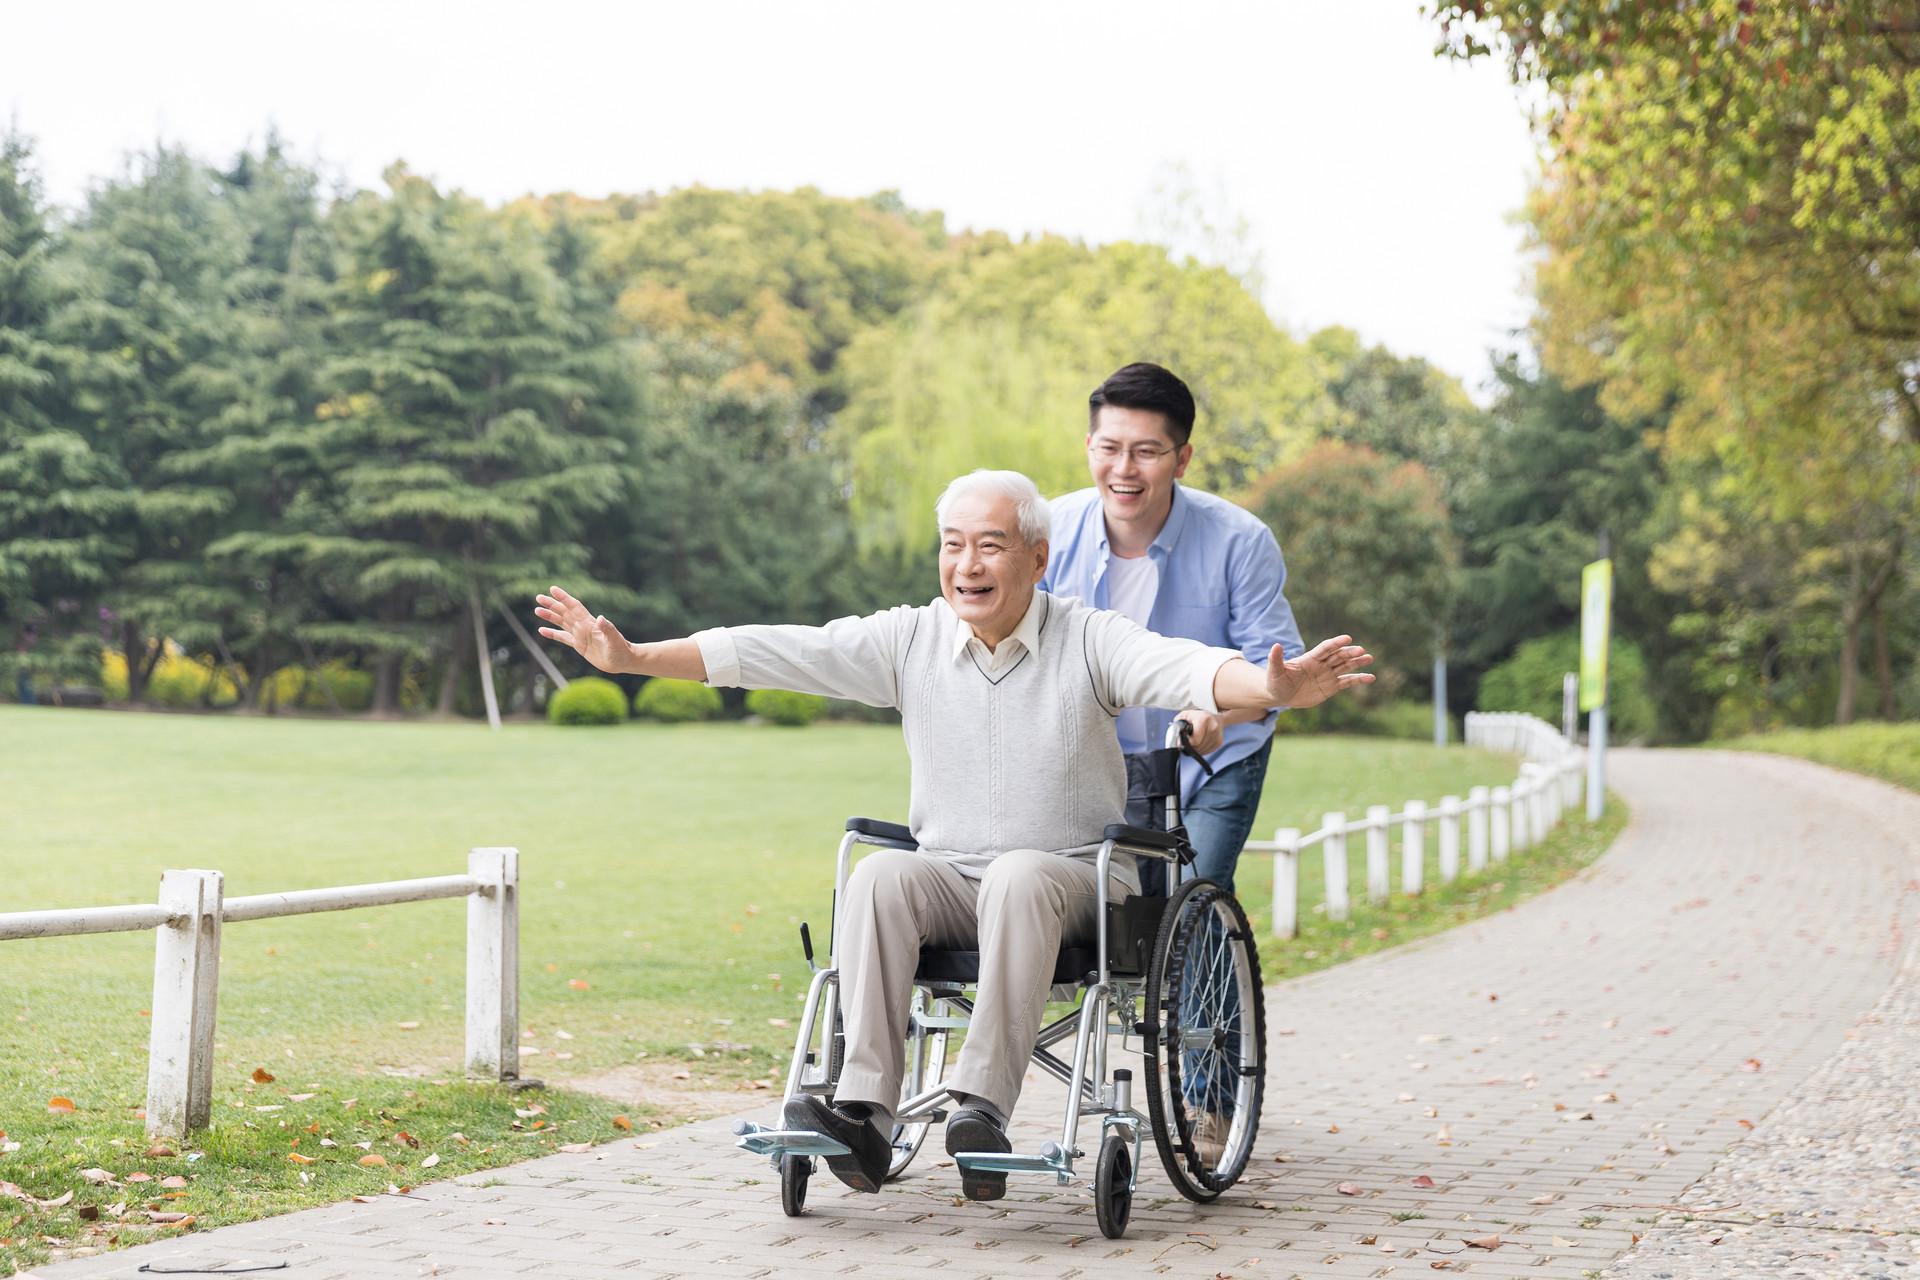 家里有老人的不用愁了,3年后200万名养老护理员可上岗!长护险也将扩大试点